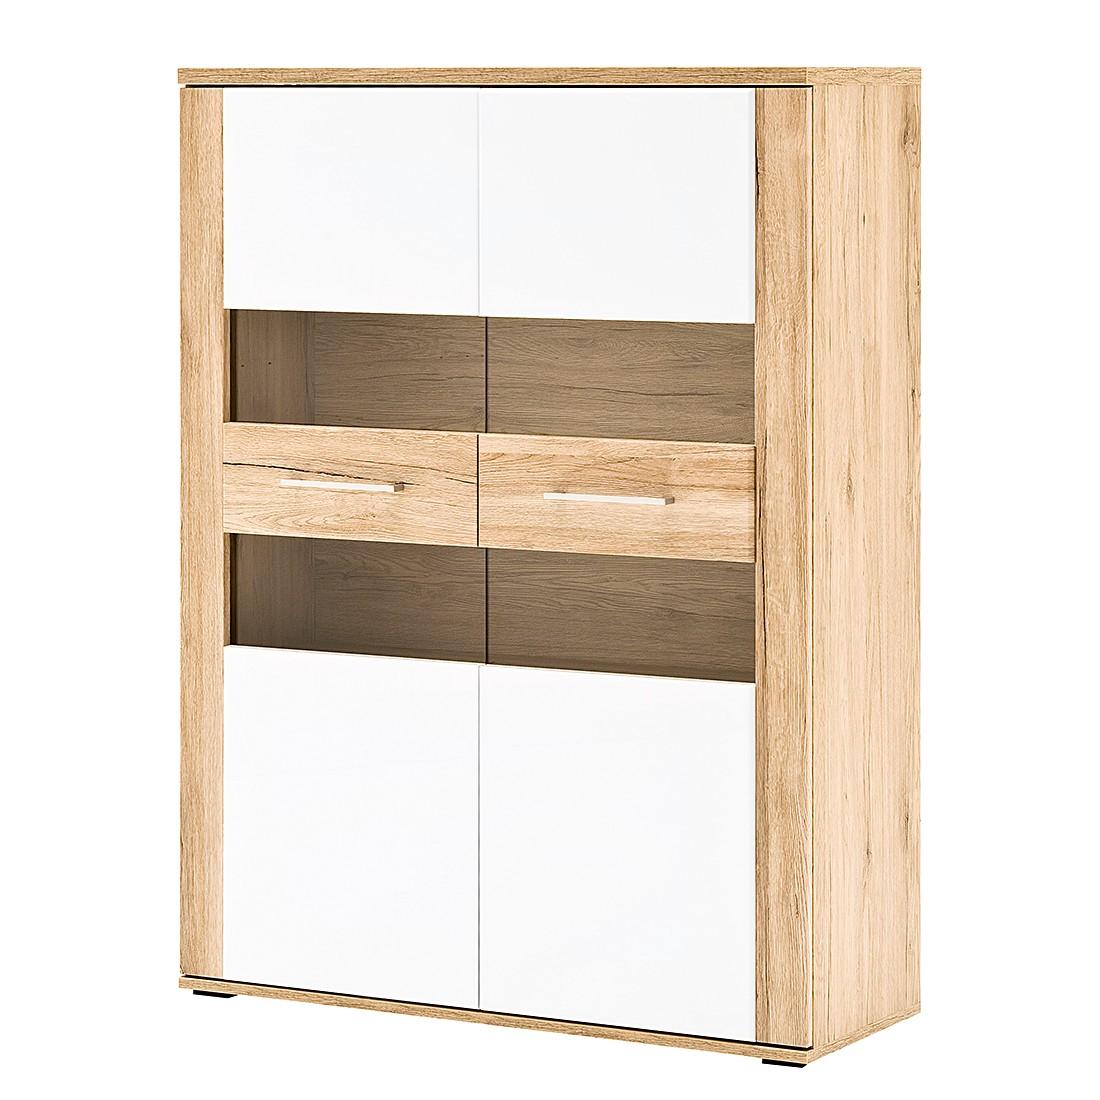 EEK A+, Highboard Matira – Hochglanz Weiß/Sand, Modoform kaufen